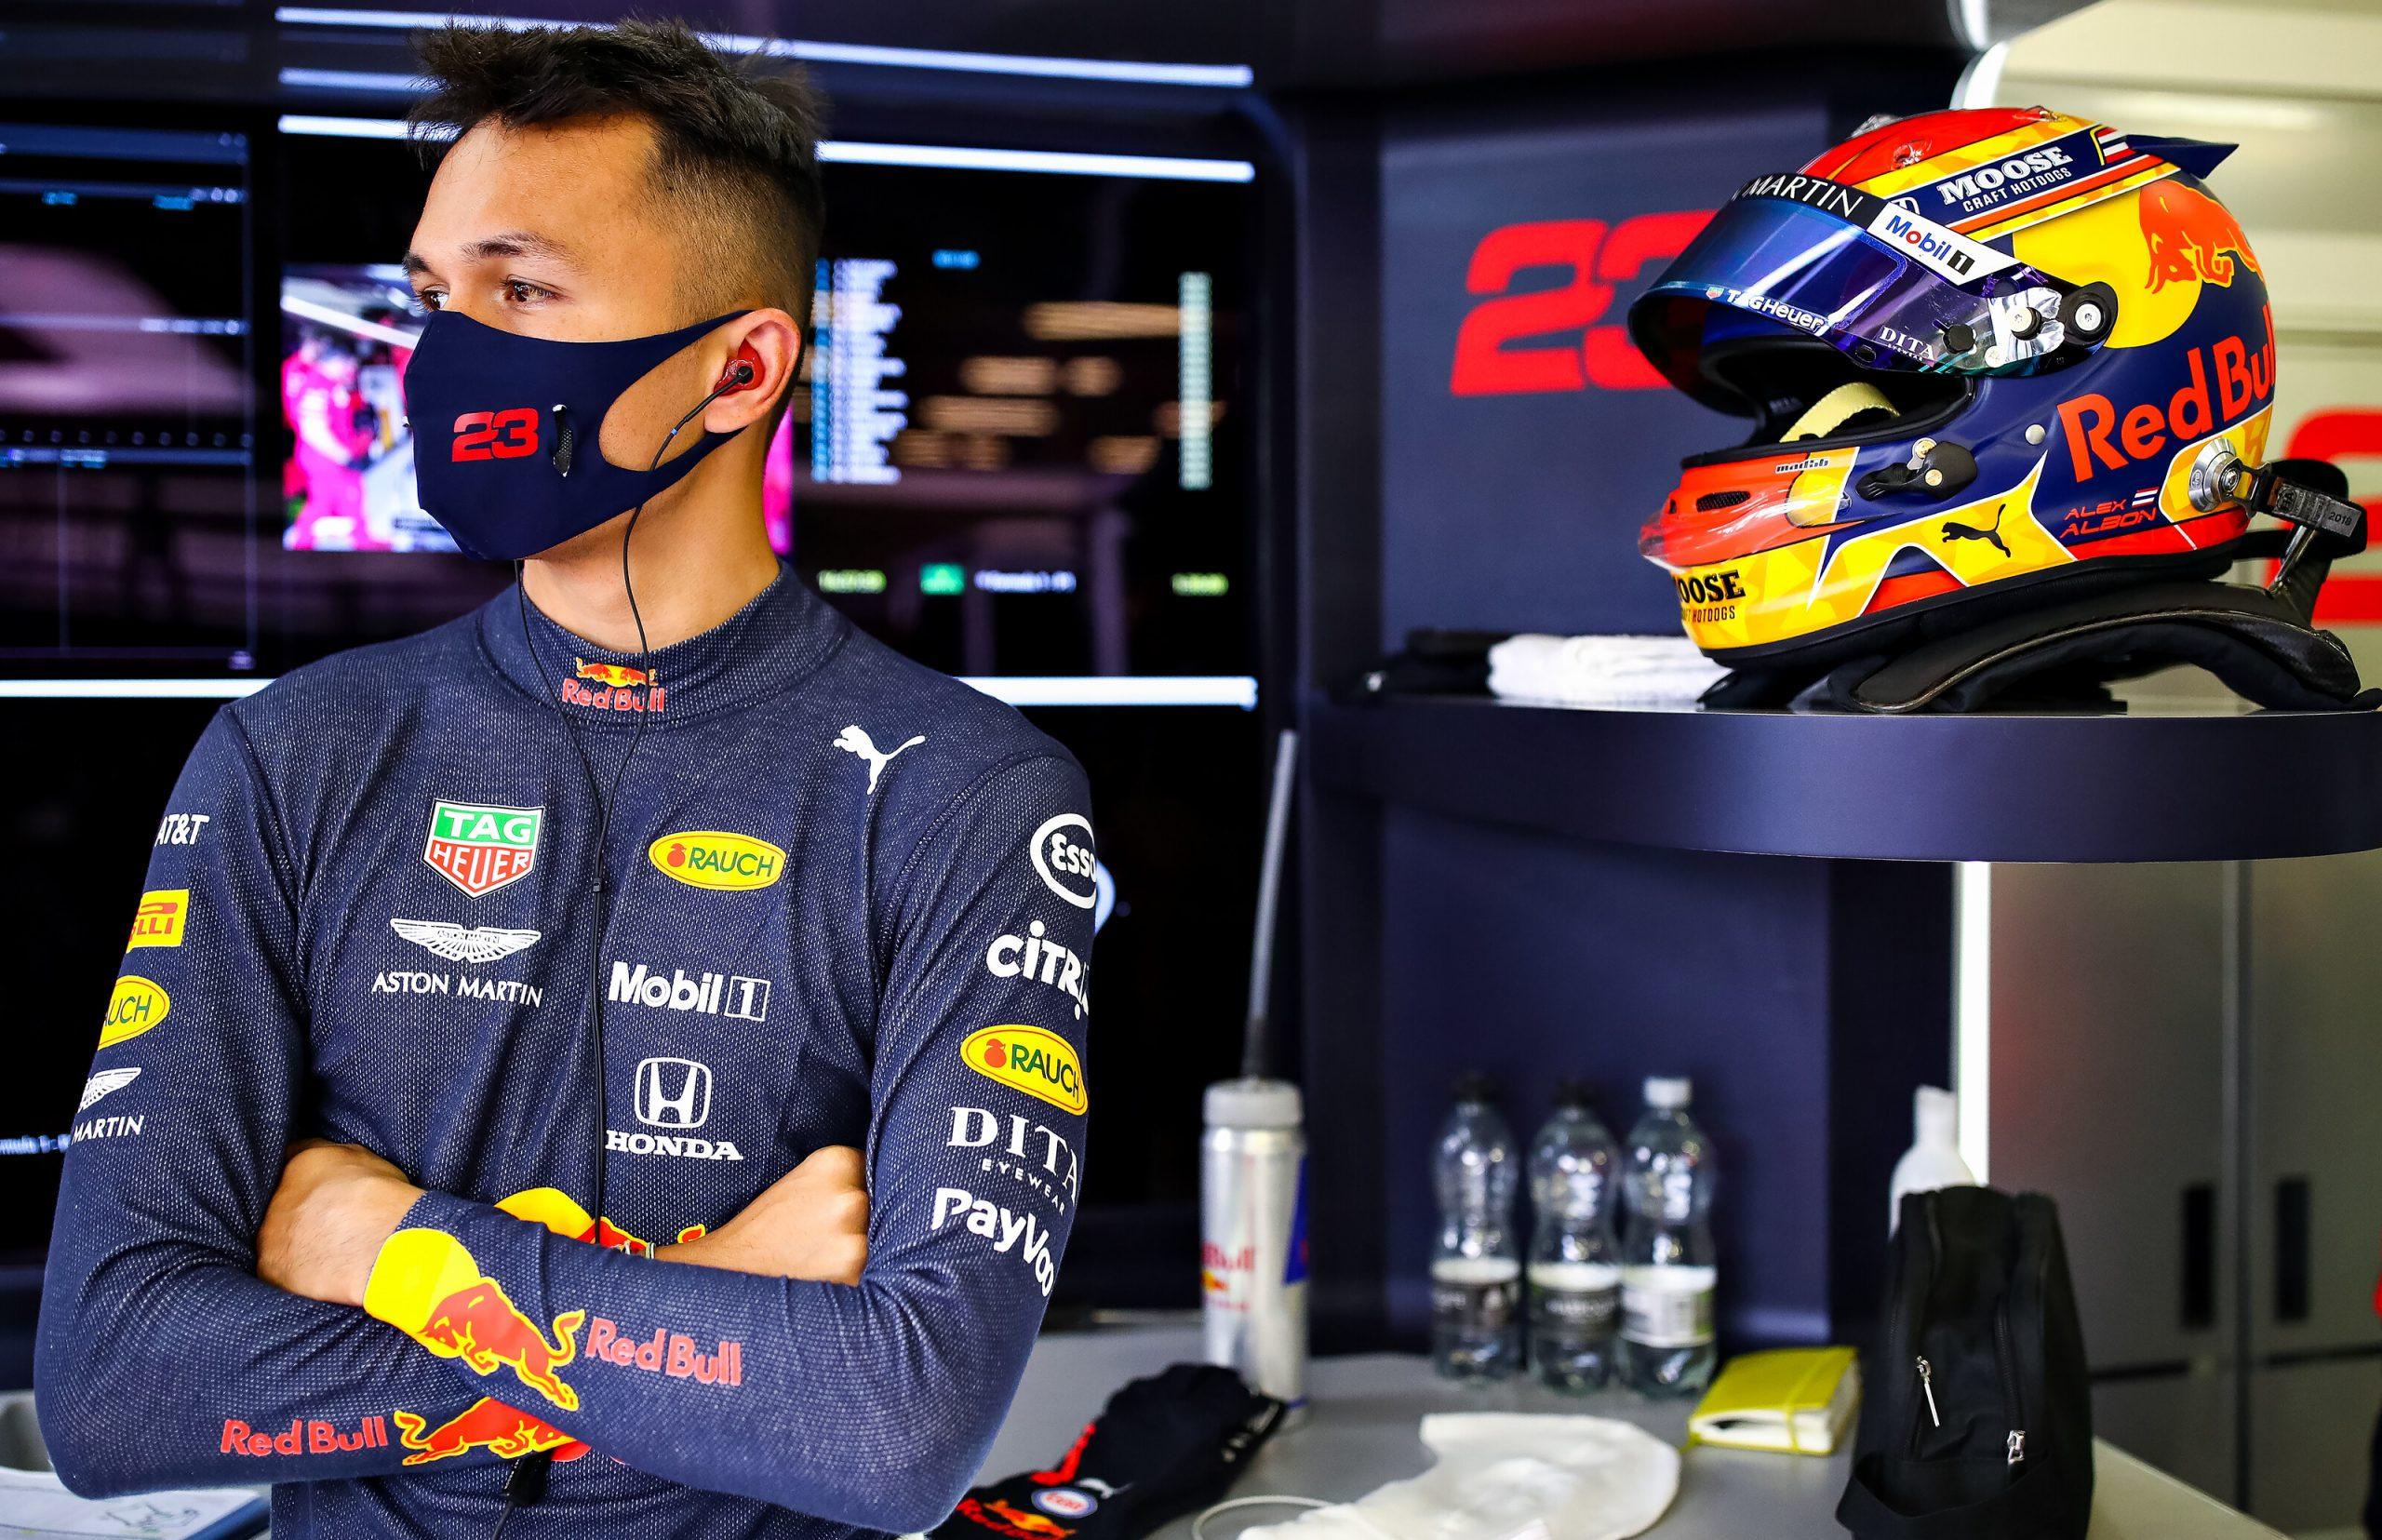 F1 - Red Bull explique pourquoi Alex Albon travaille avec un autre ingénieur